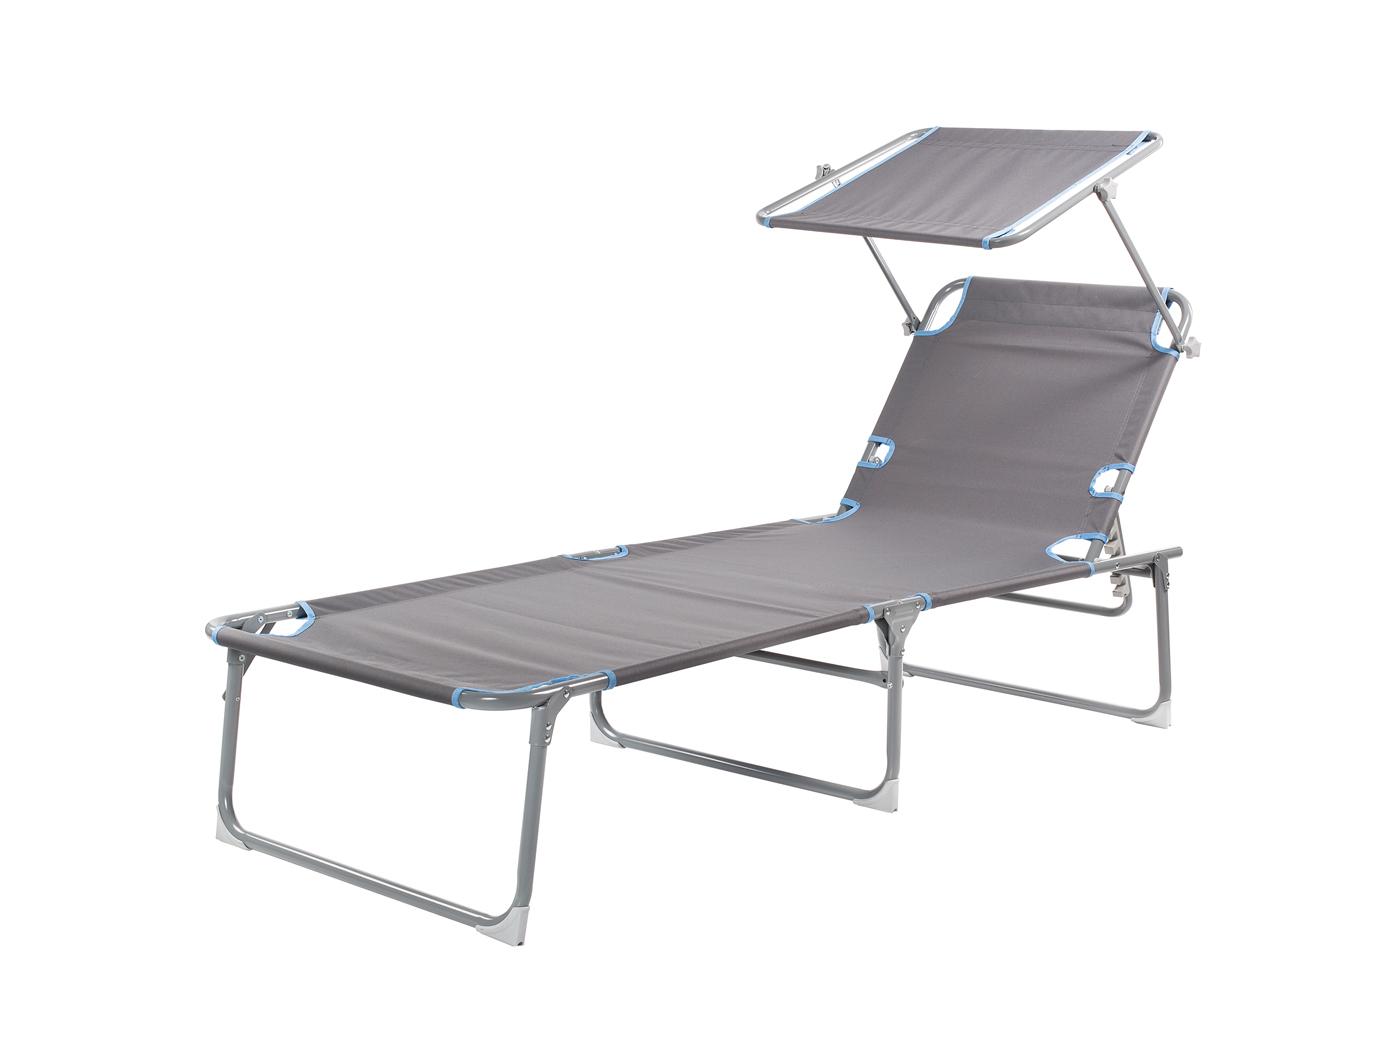 verstellbare Gartenliege Liegestuhl Camping klappbare Sonnenliege Alu mit Dach